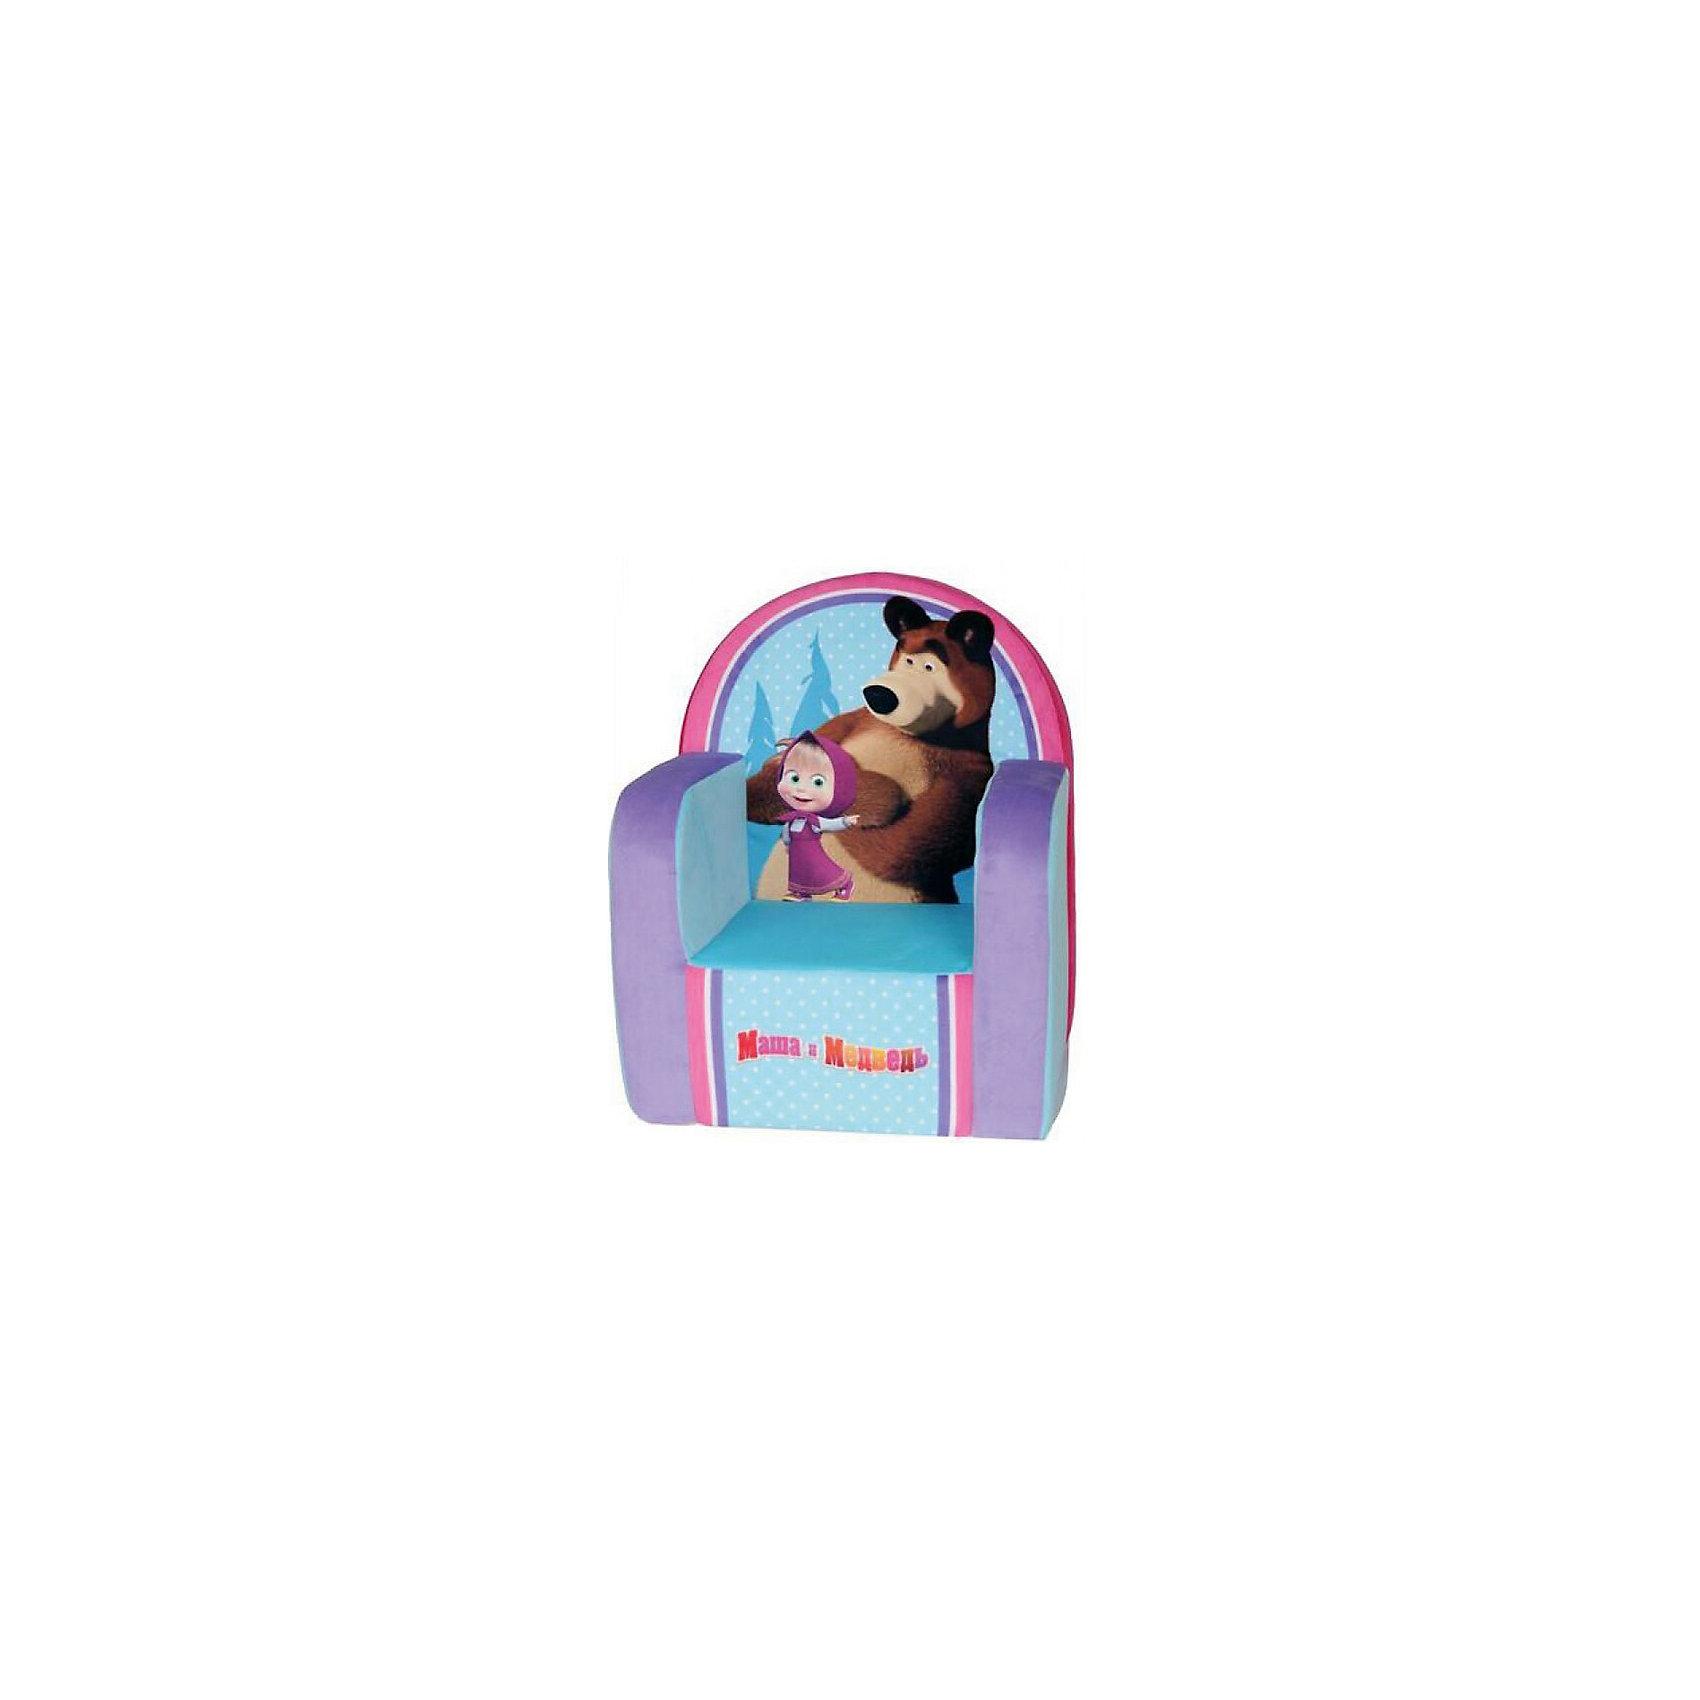 Мягкое кресло с чехлом Маша и Медведь с музыкальным элементом, СмолТойс, голубой  название тумбочки